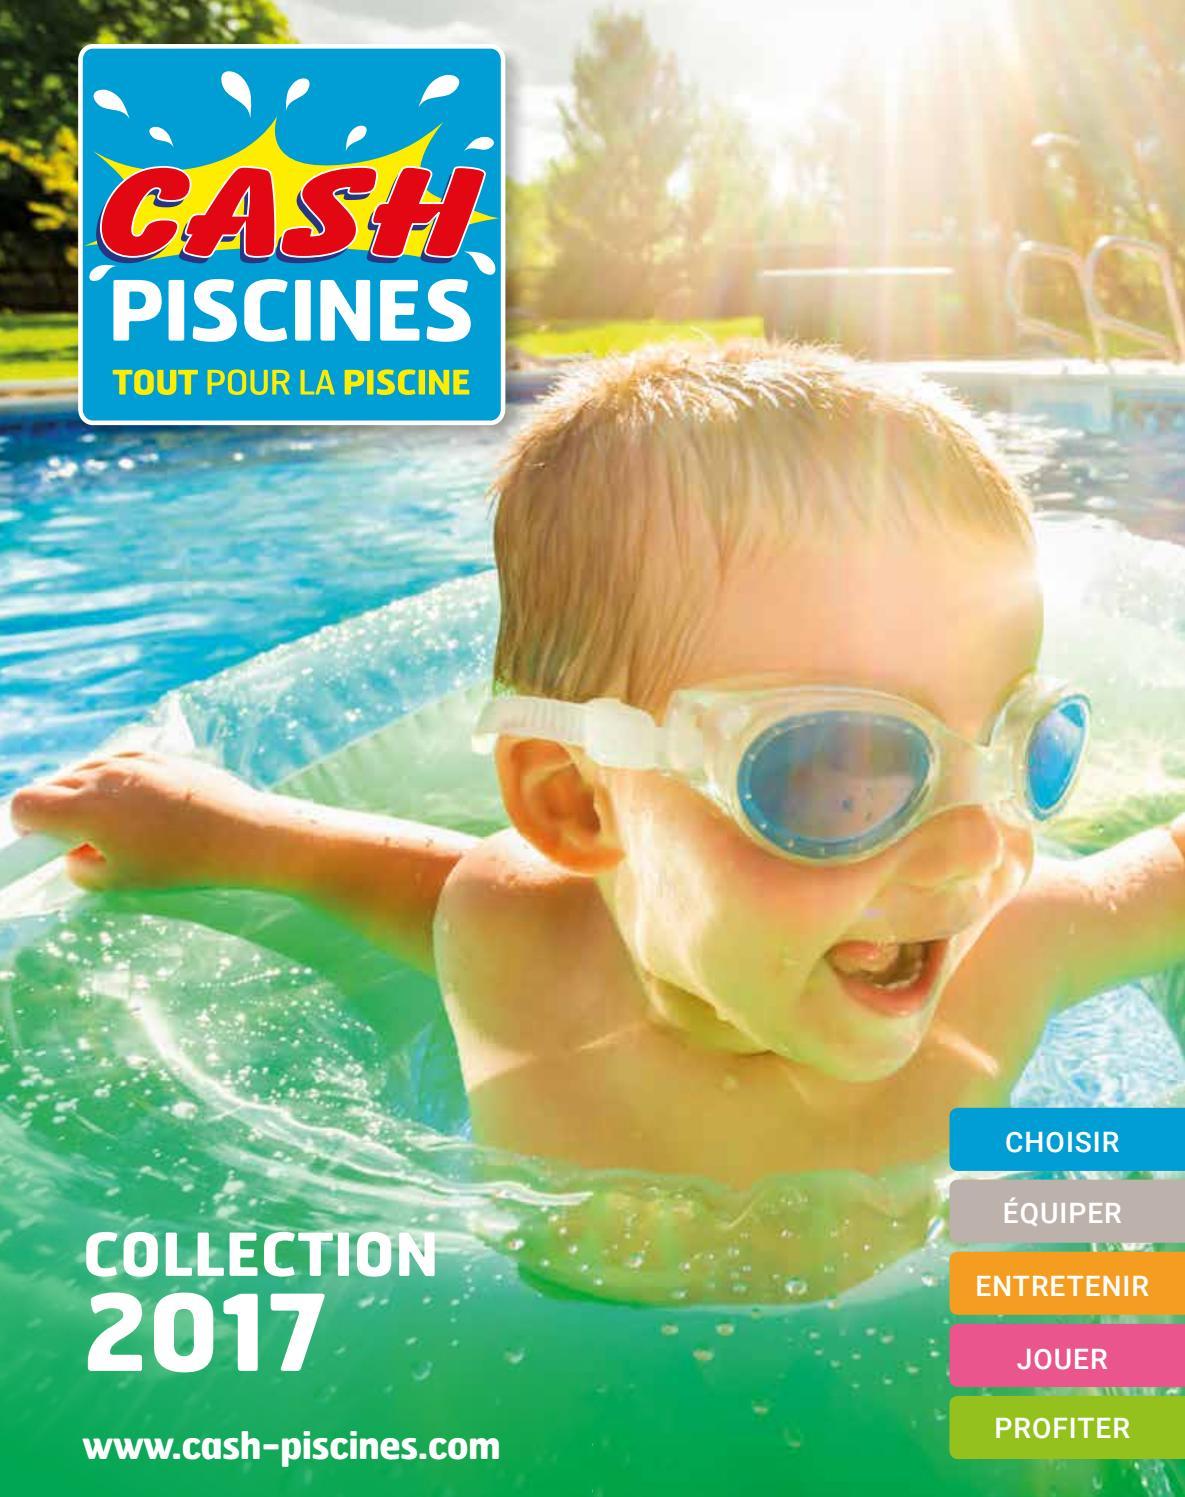 Catalogue Cash Piscine 2017 By Octave Octave - Issuu avec Cash Piscine Toulon